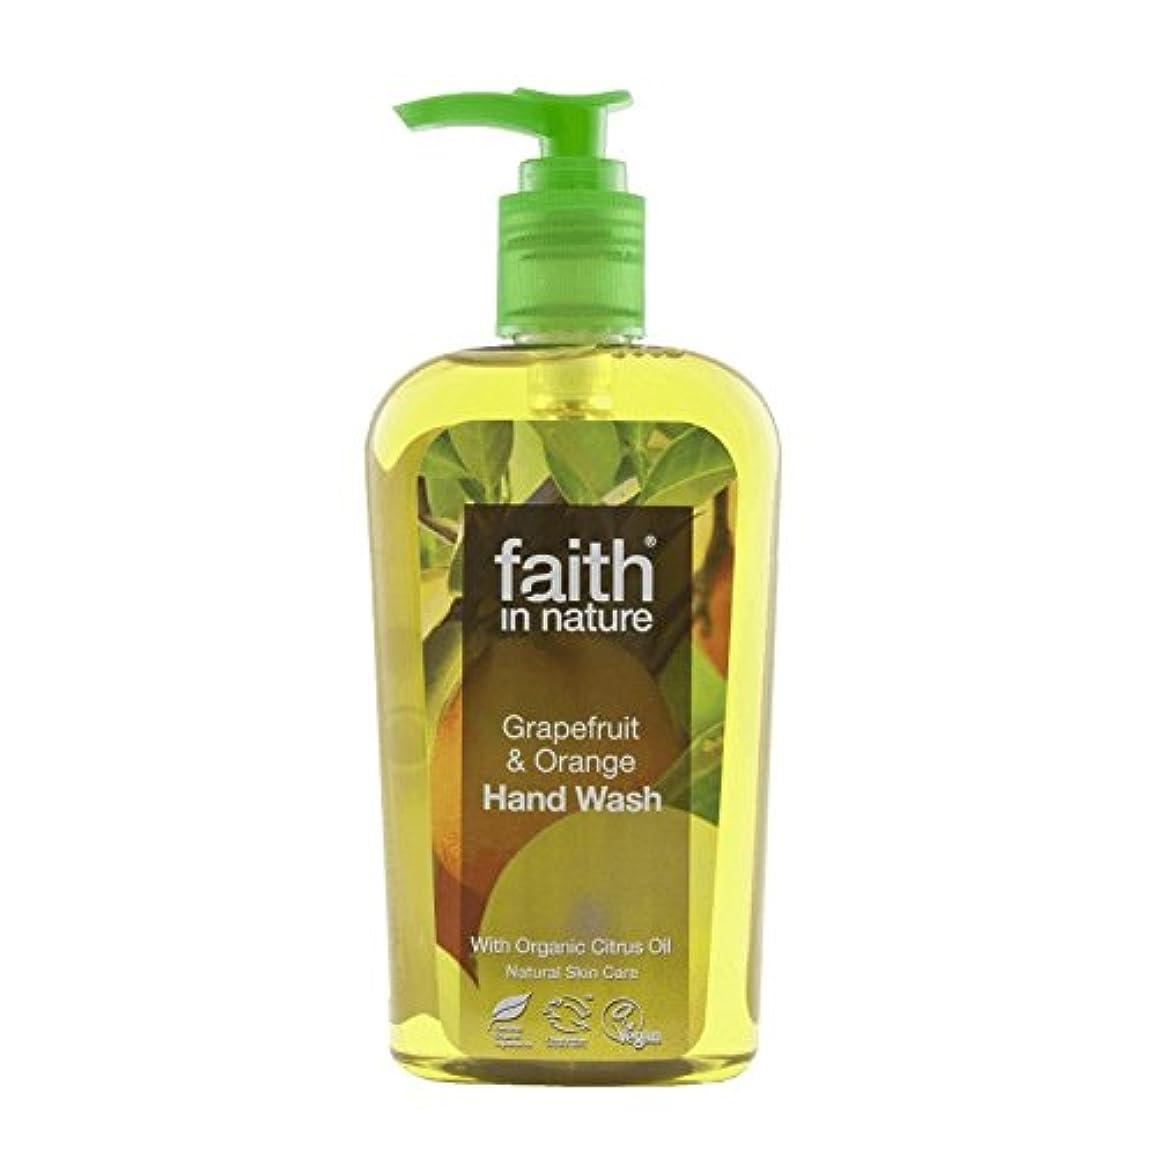 夢ぎこちない方法論Faith In Nature Grapefruit & Orange Handwash 300ml (Pack of 6) - 自然グレープフルーツ&オレンジ手洗いの300ミリリットルの信仰 (x6) [並行輸入品]